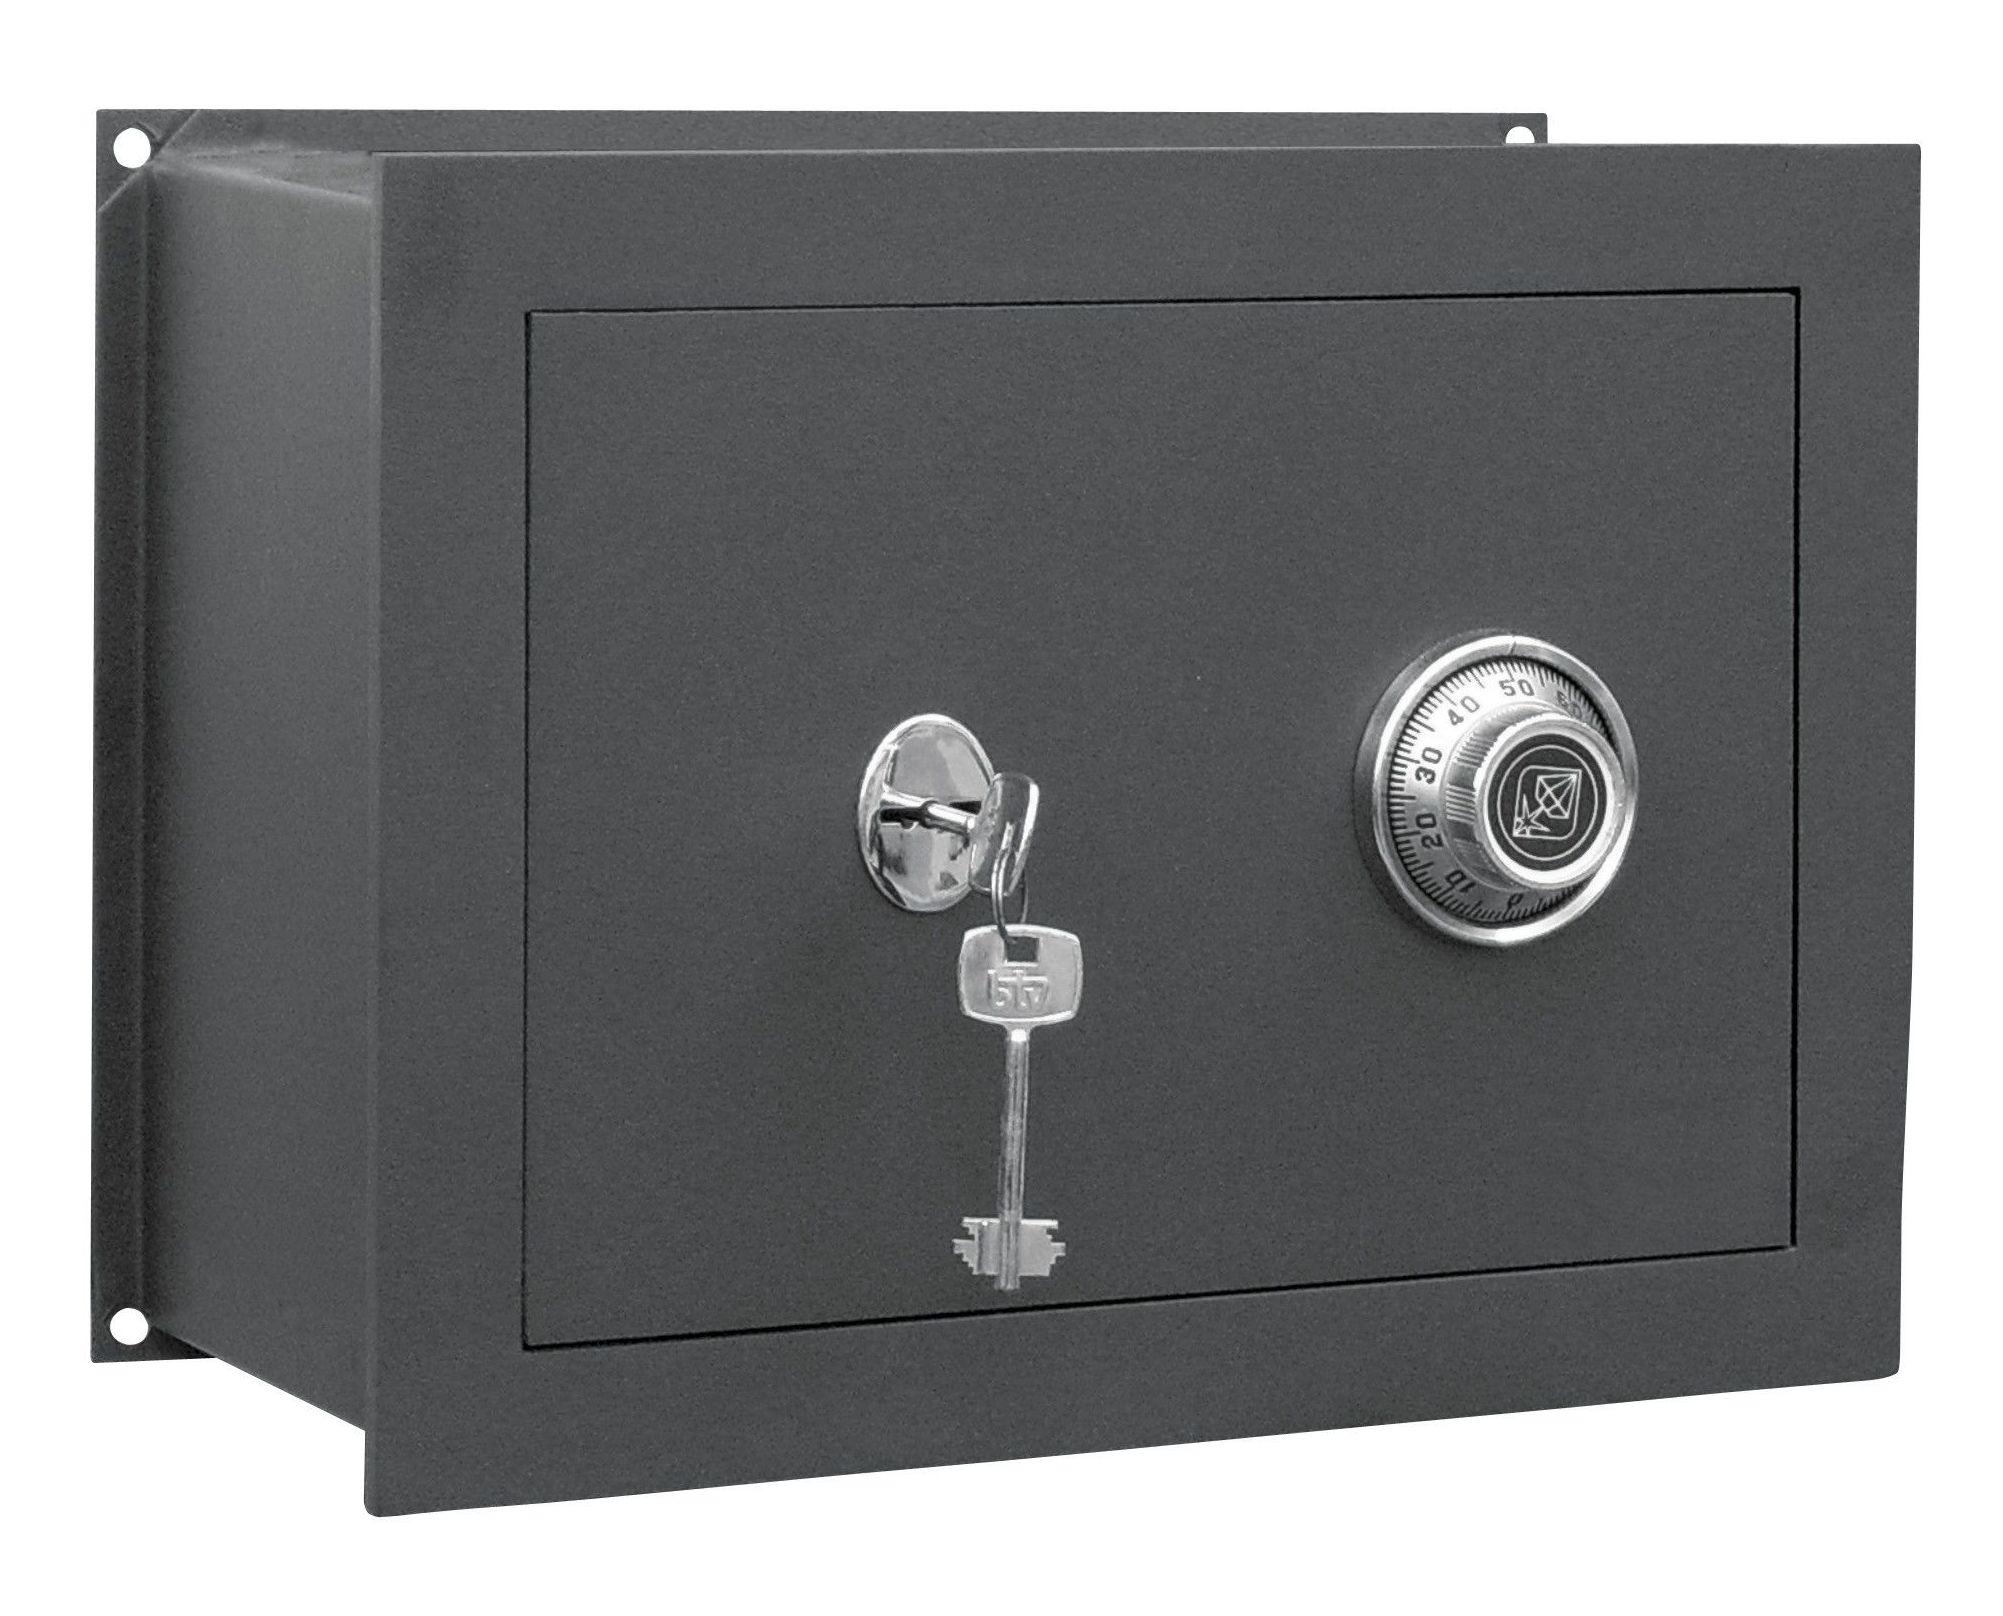 Apertura de Cajas Fuertes de Seguridad